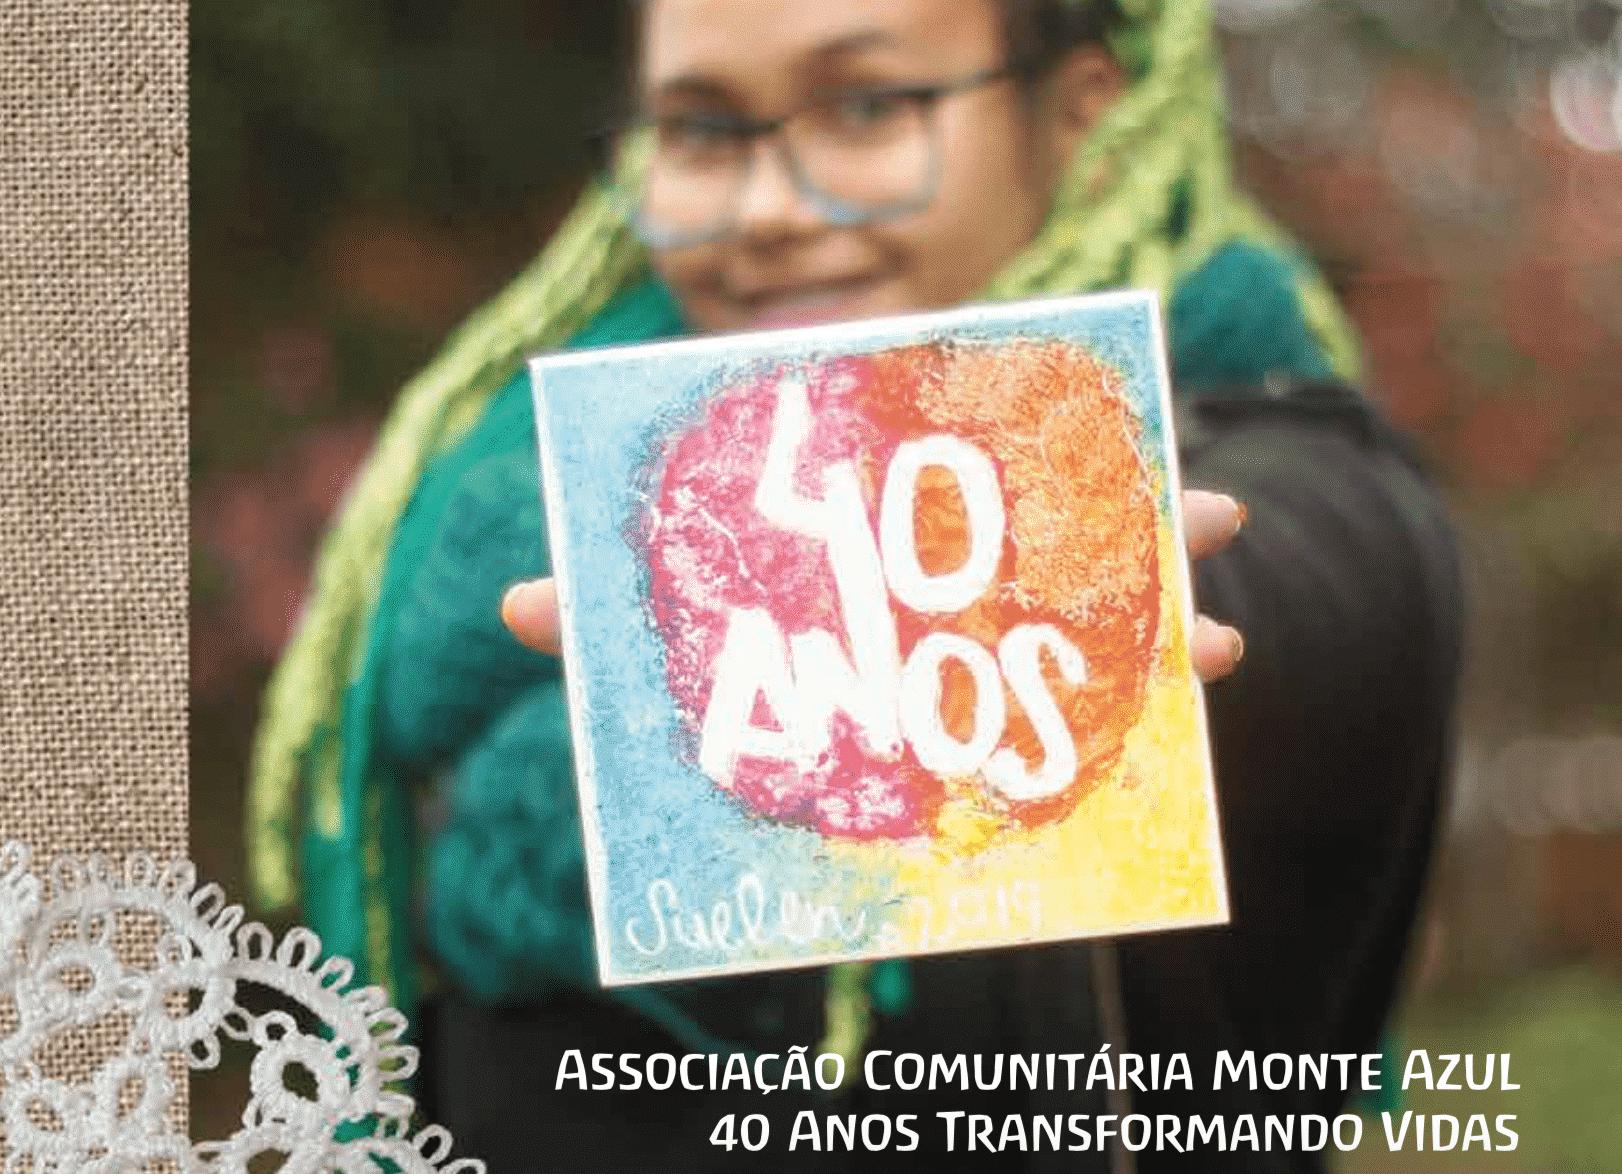 Placa comemorativa Associação Comunitária Monte Azul 40 anos